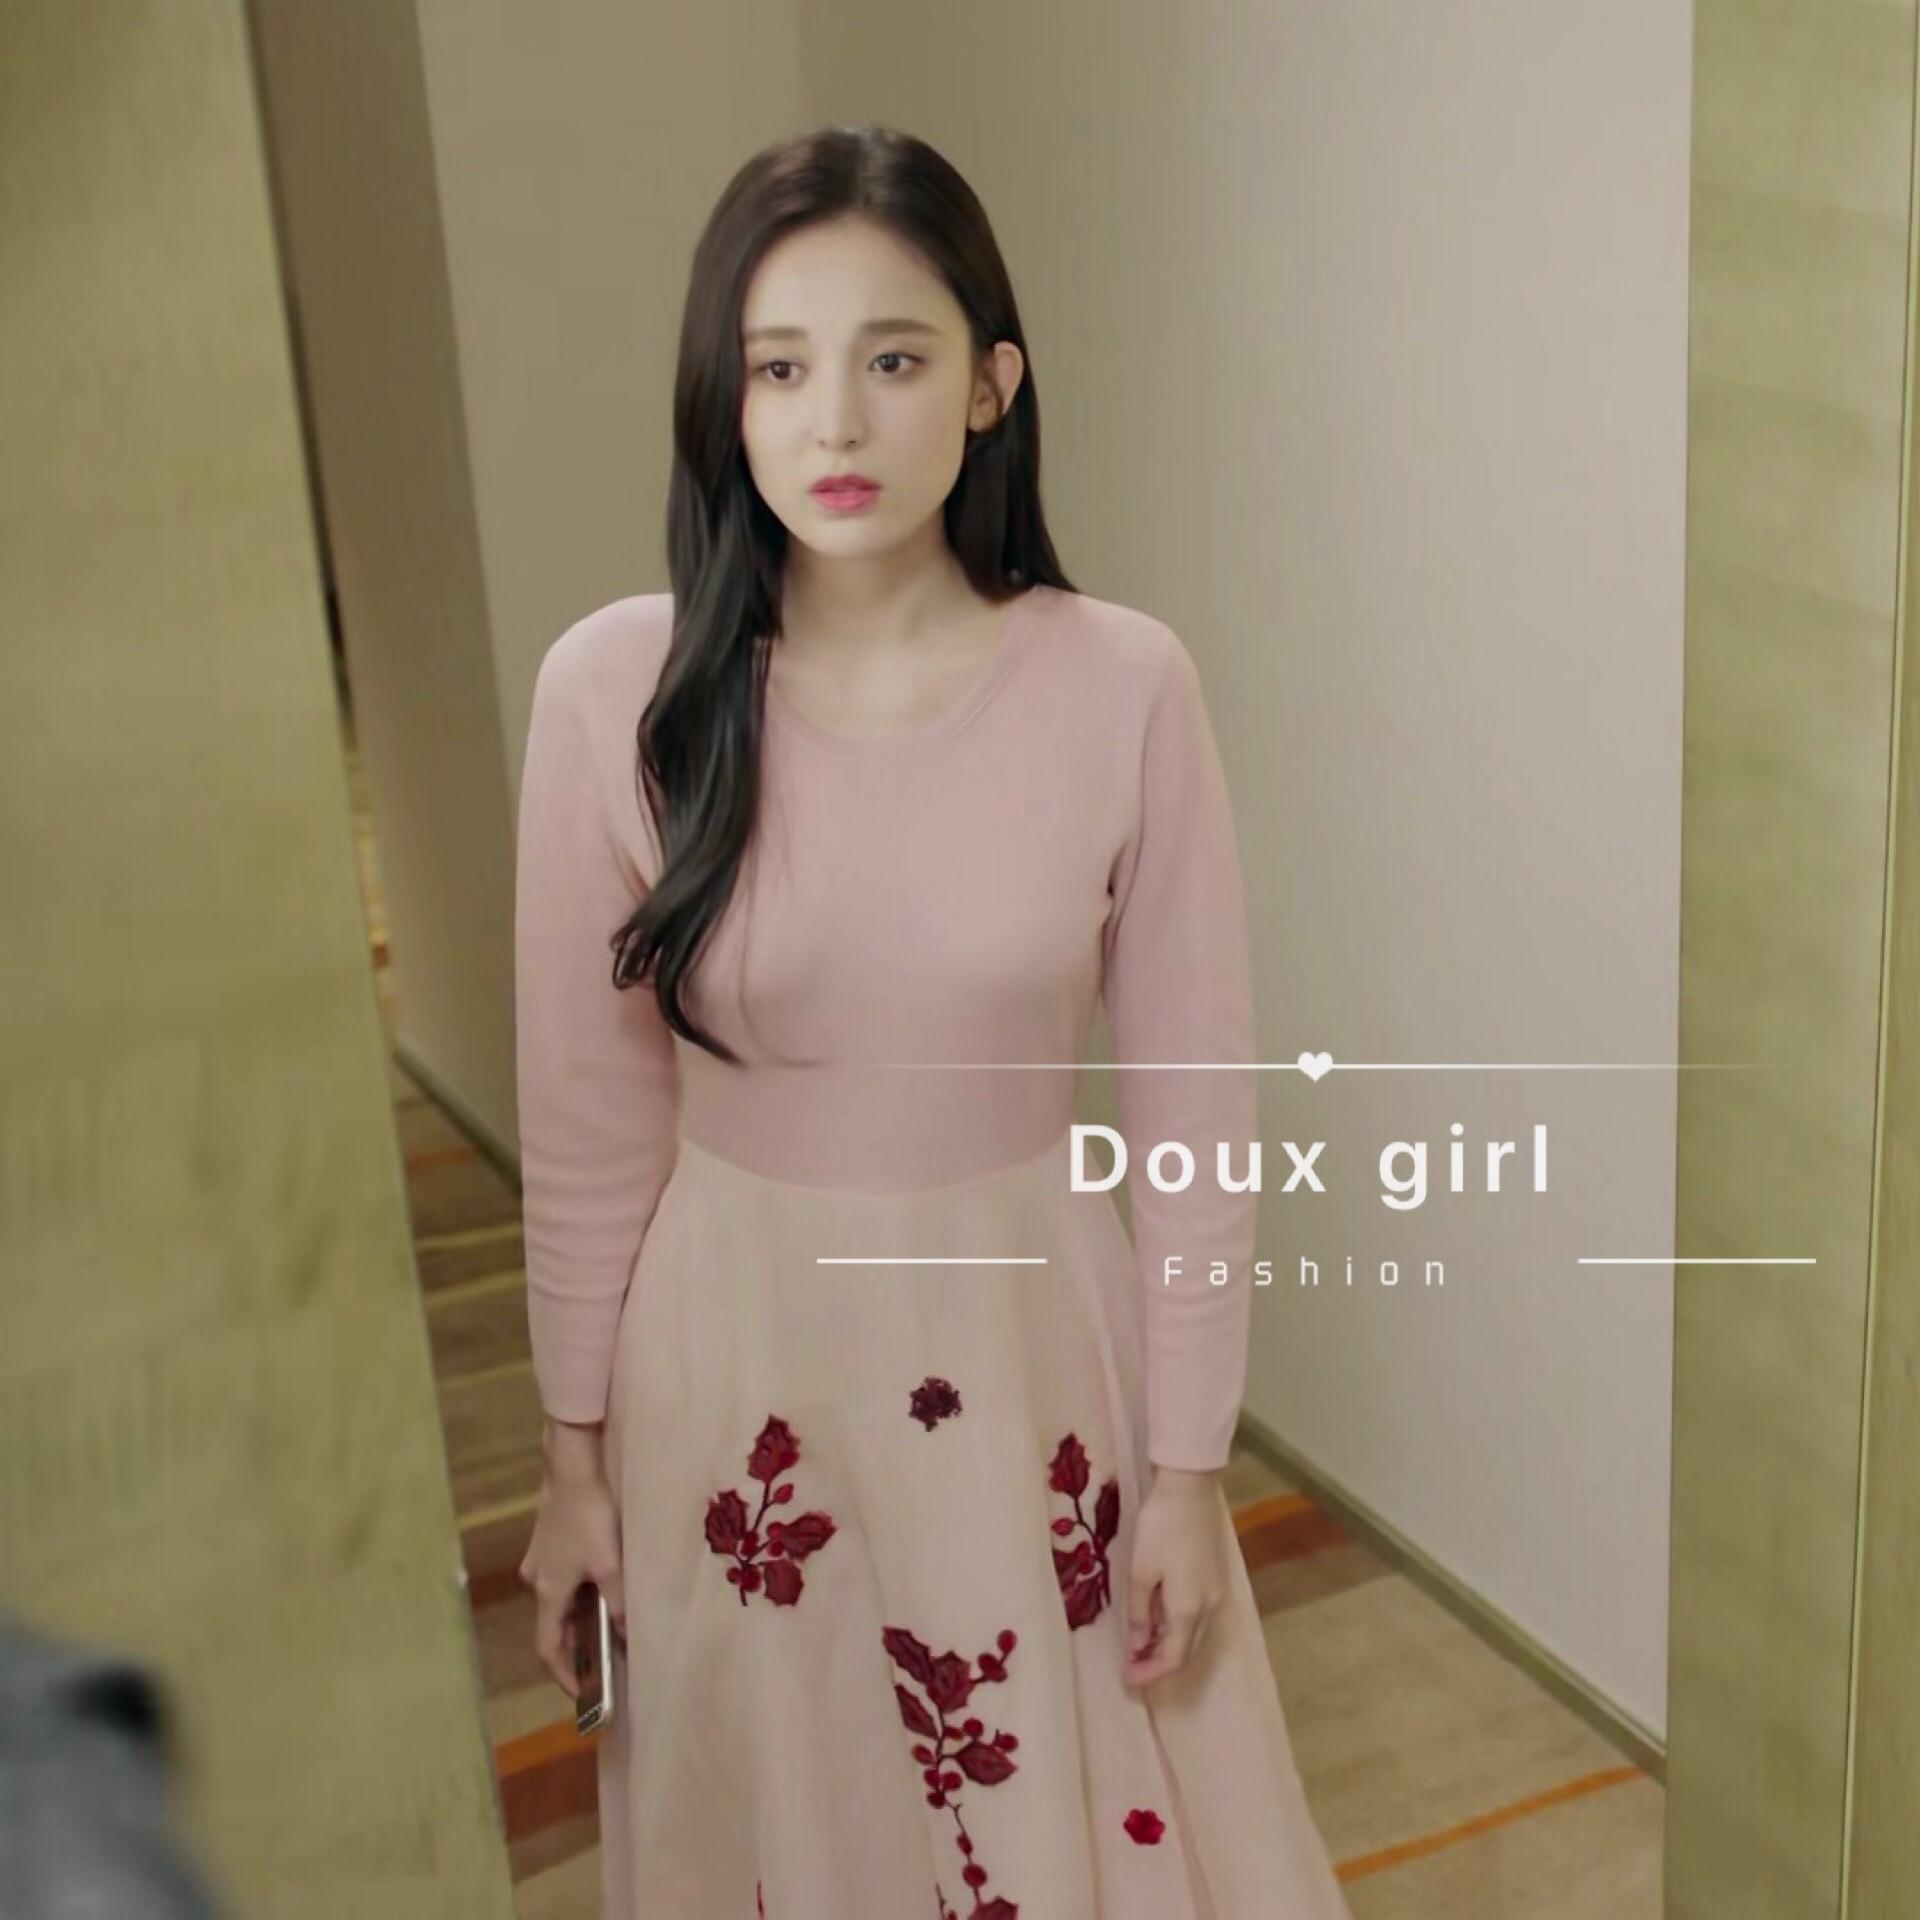 十年三月三十日古力娜扎袁莱同款粉色拼接连衣裙